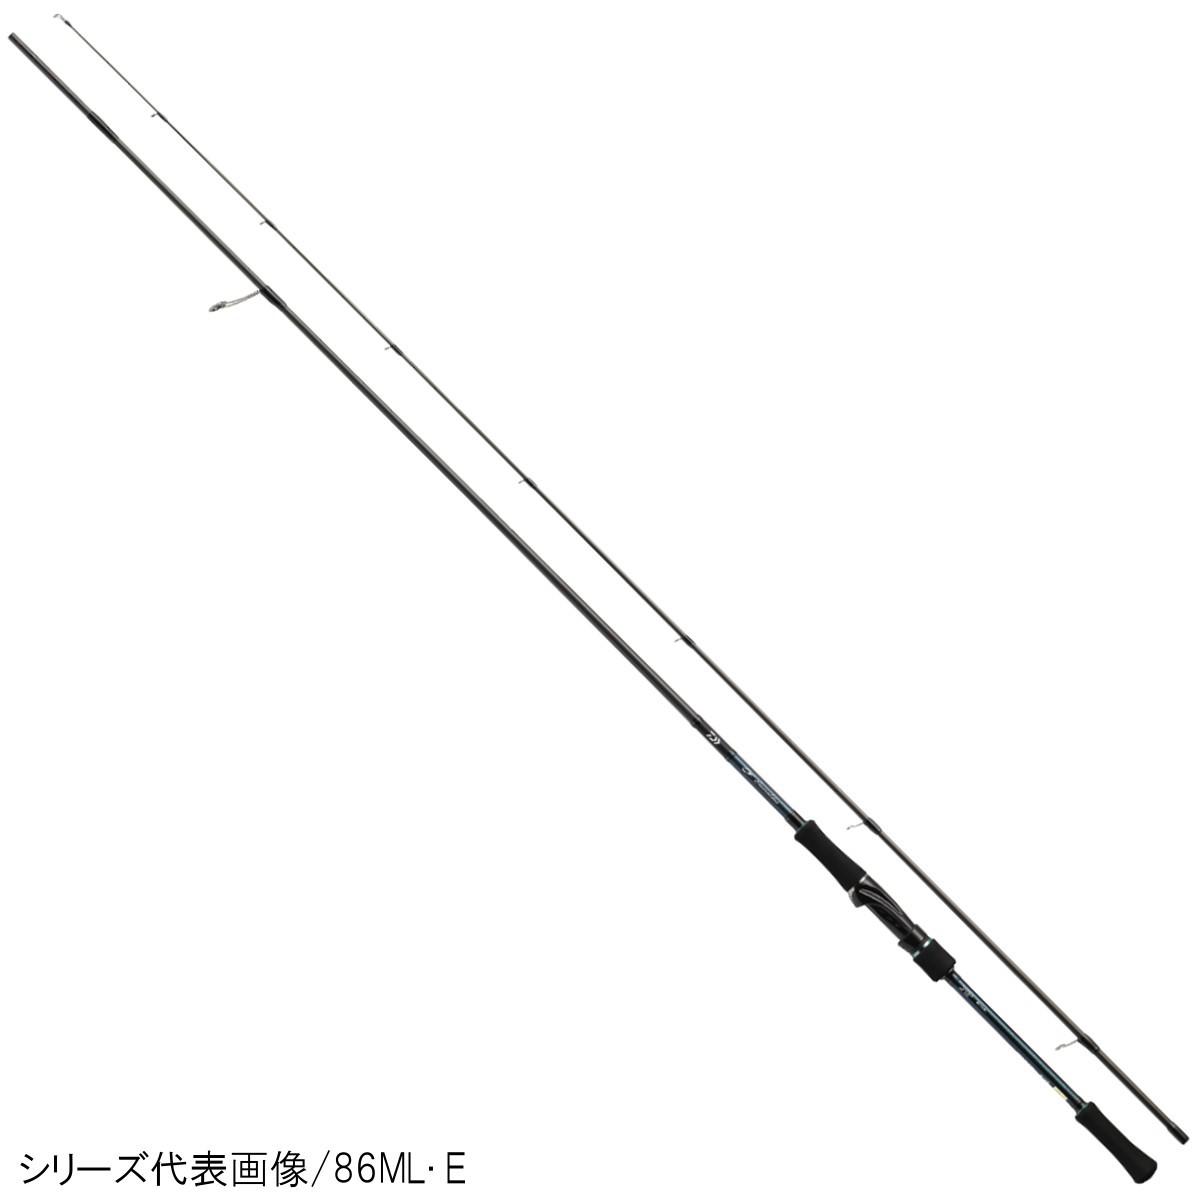 ダイワ エメラルダス MX(アウトガイドモデル) 86MH・E【大型商品】